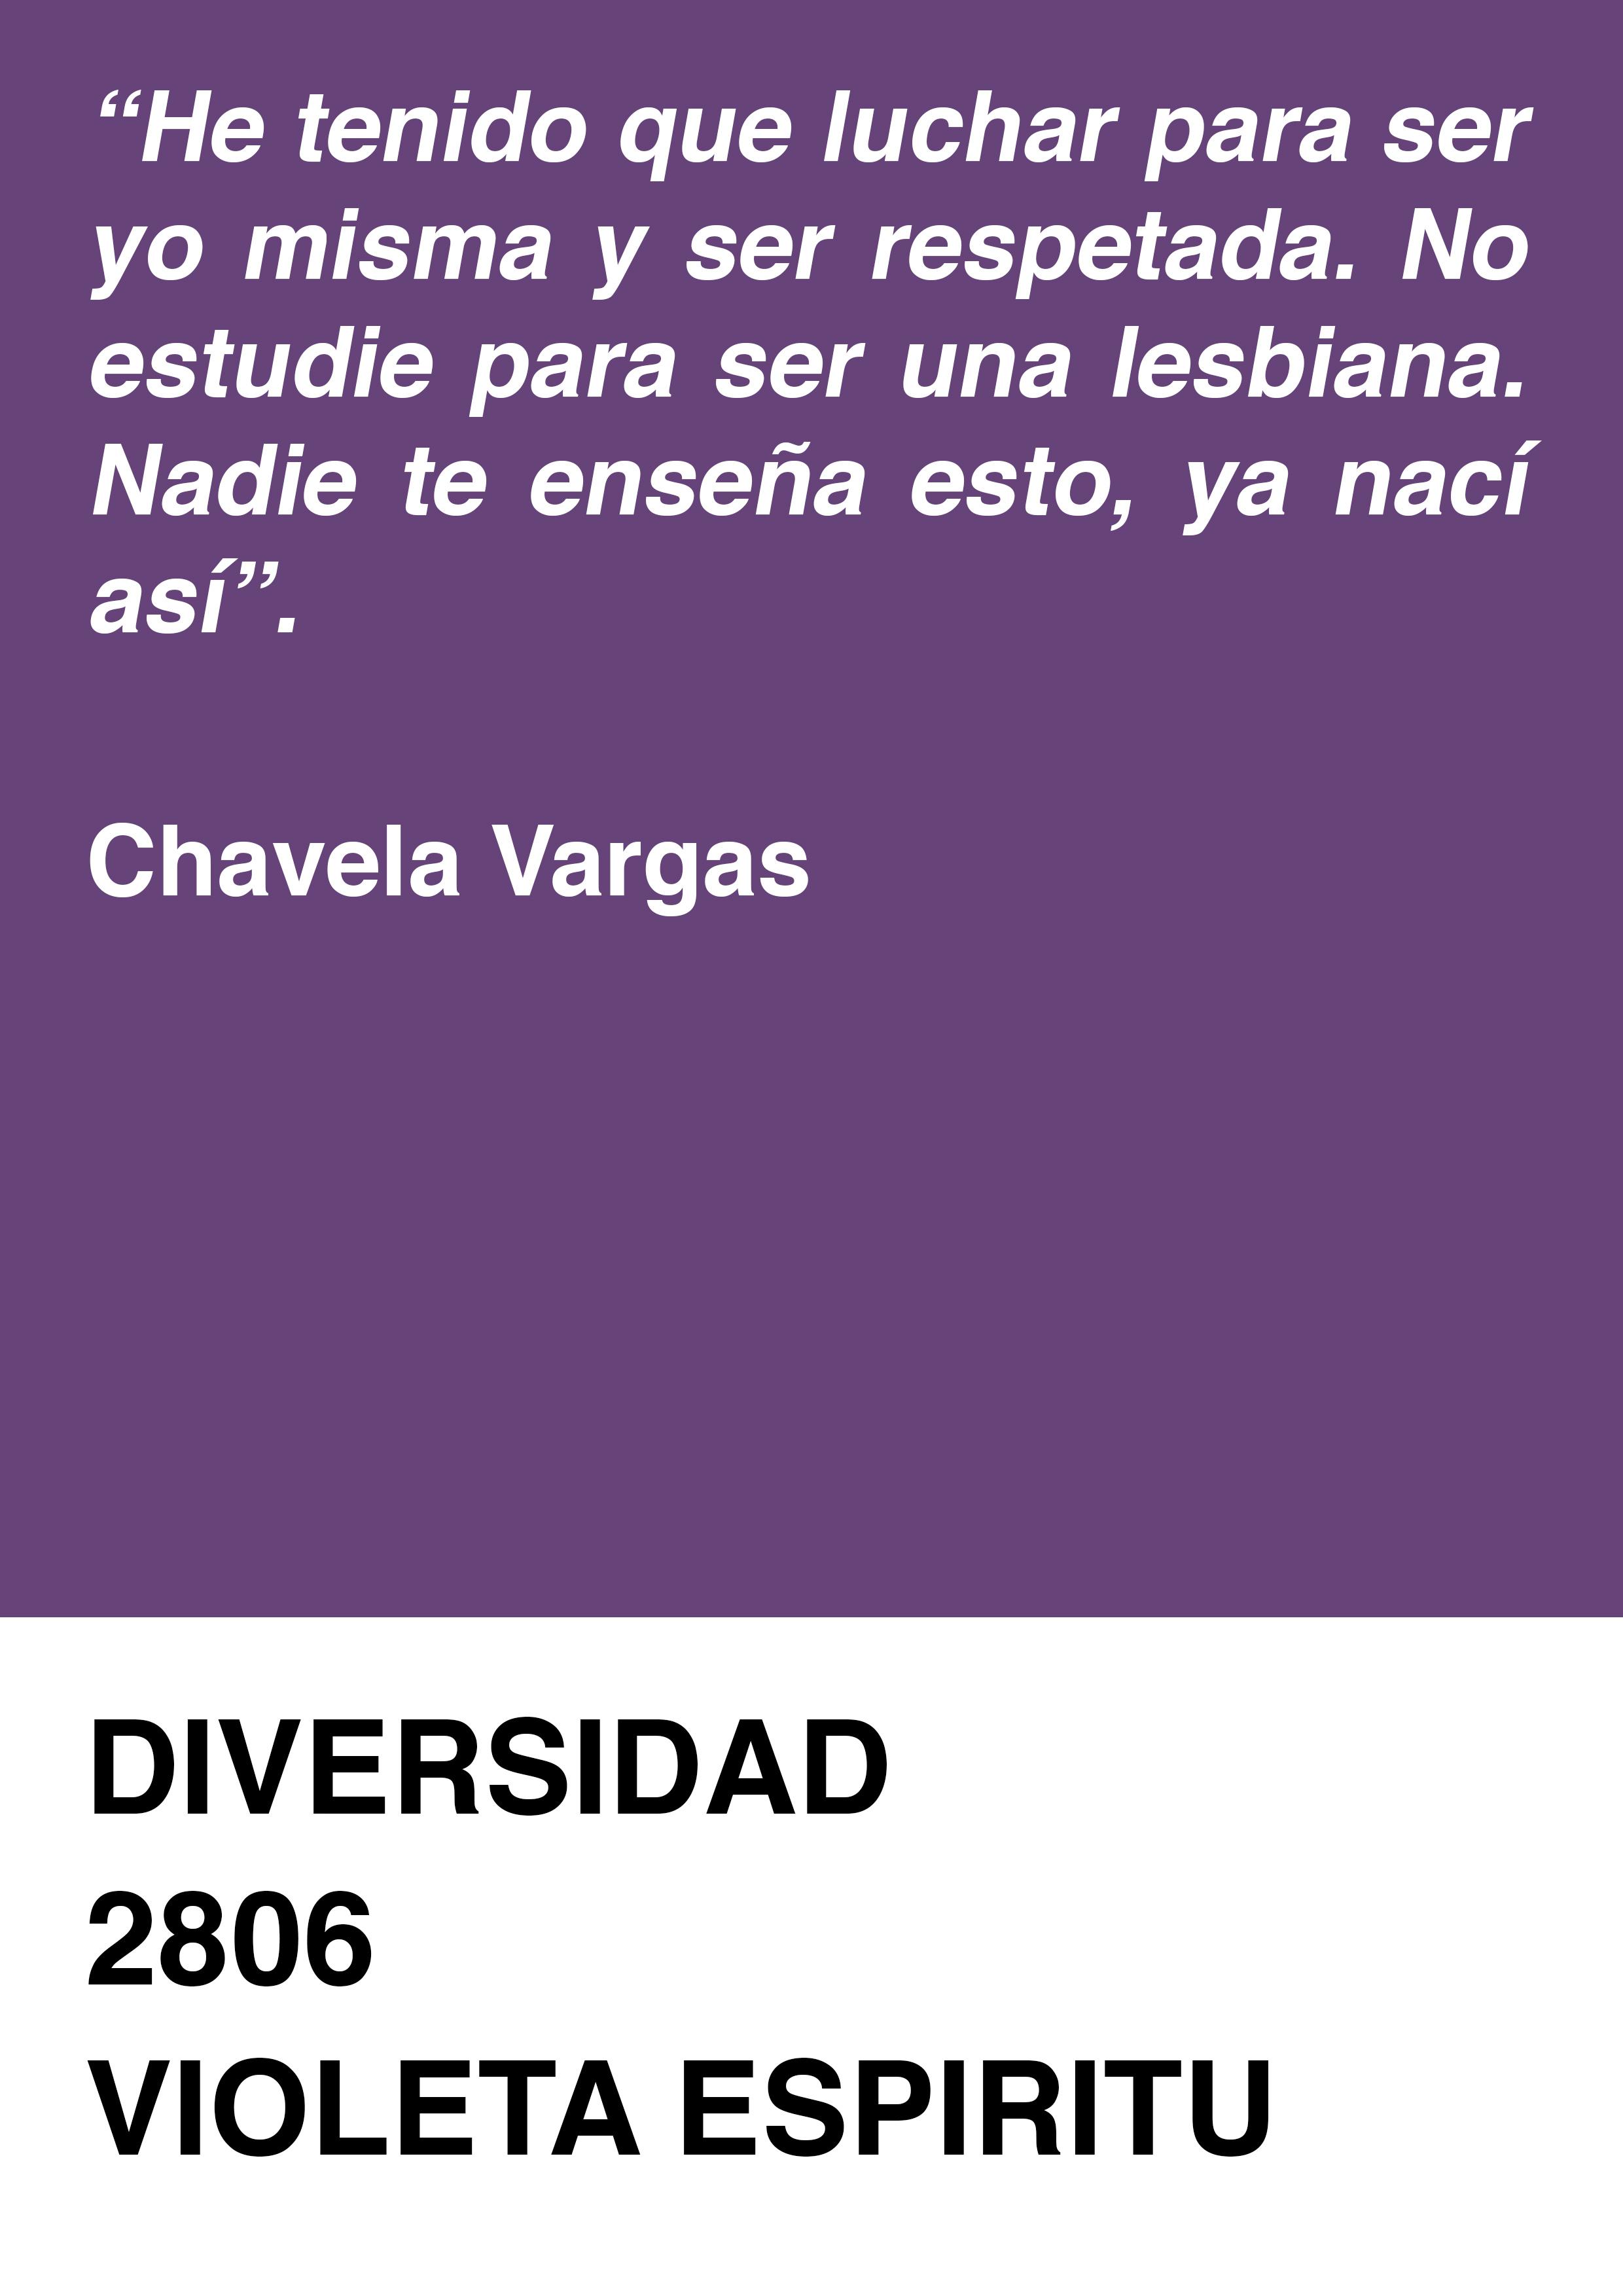 6.Violeta